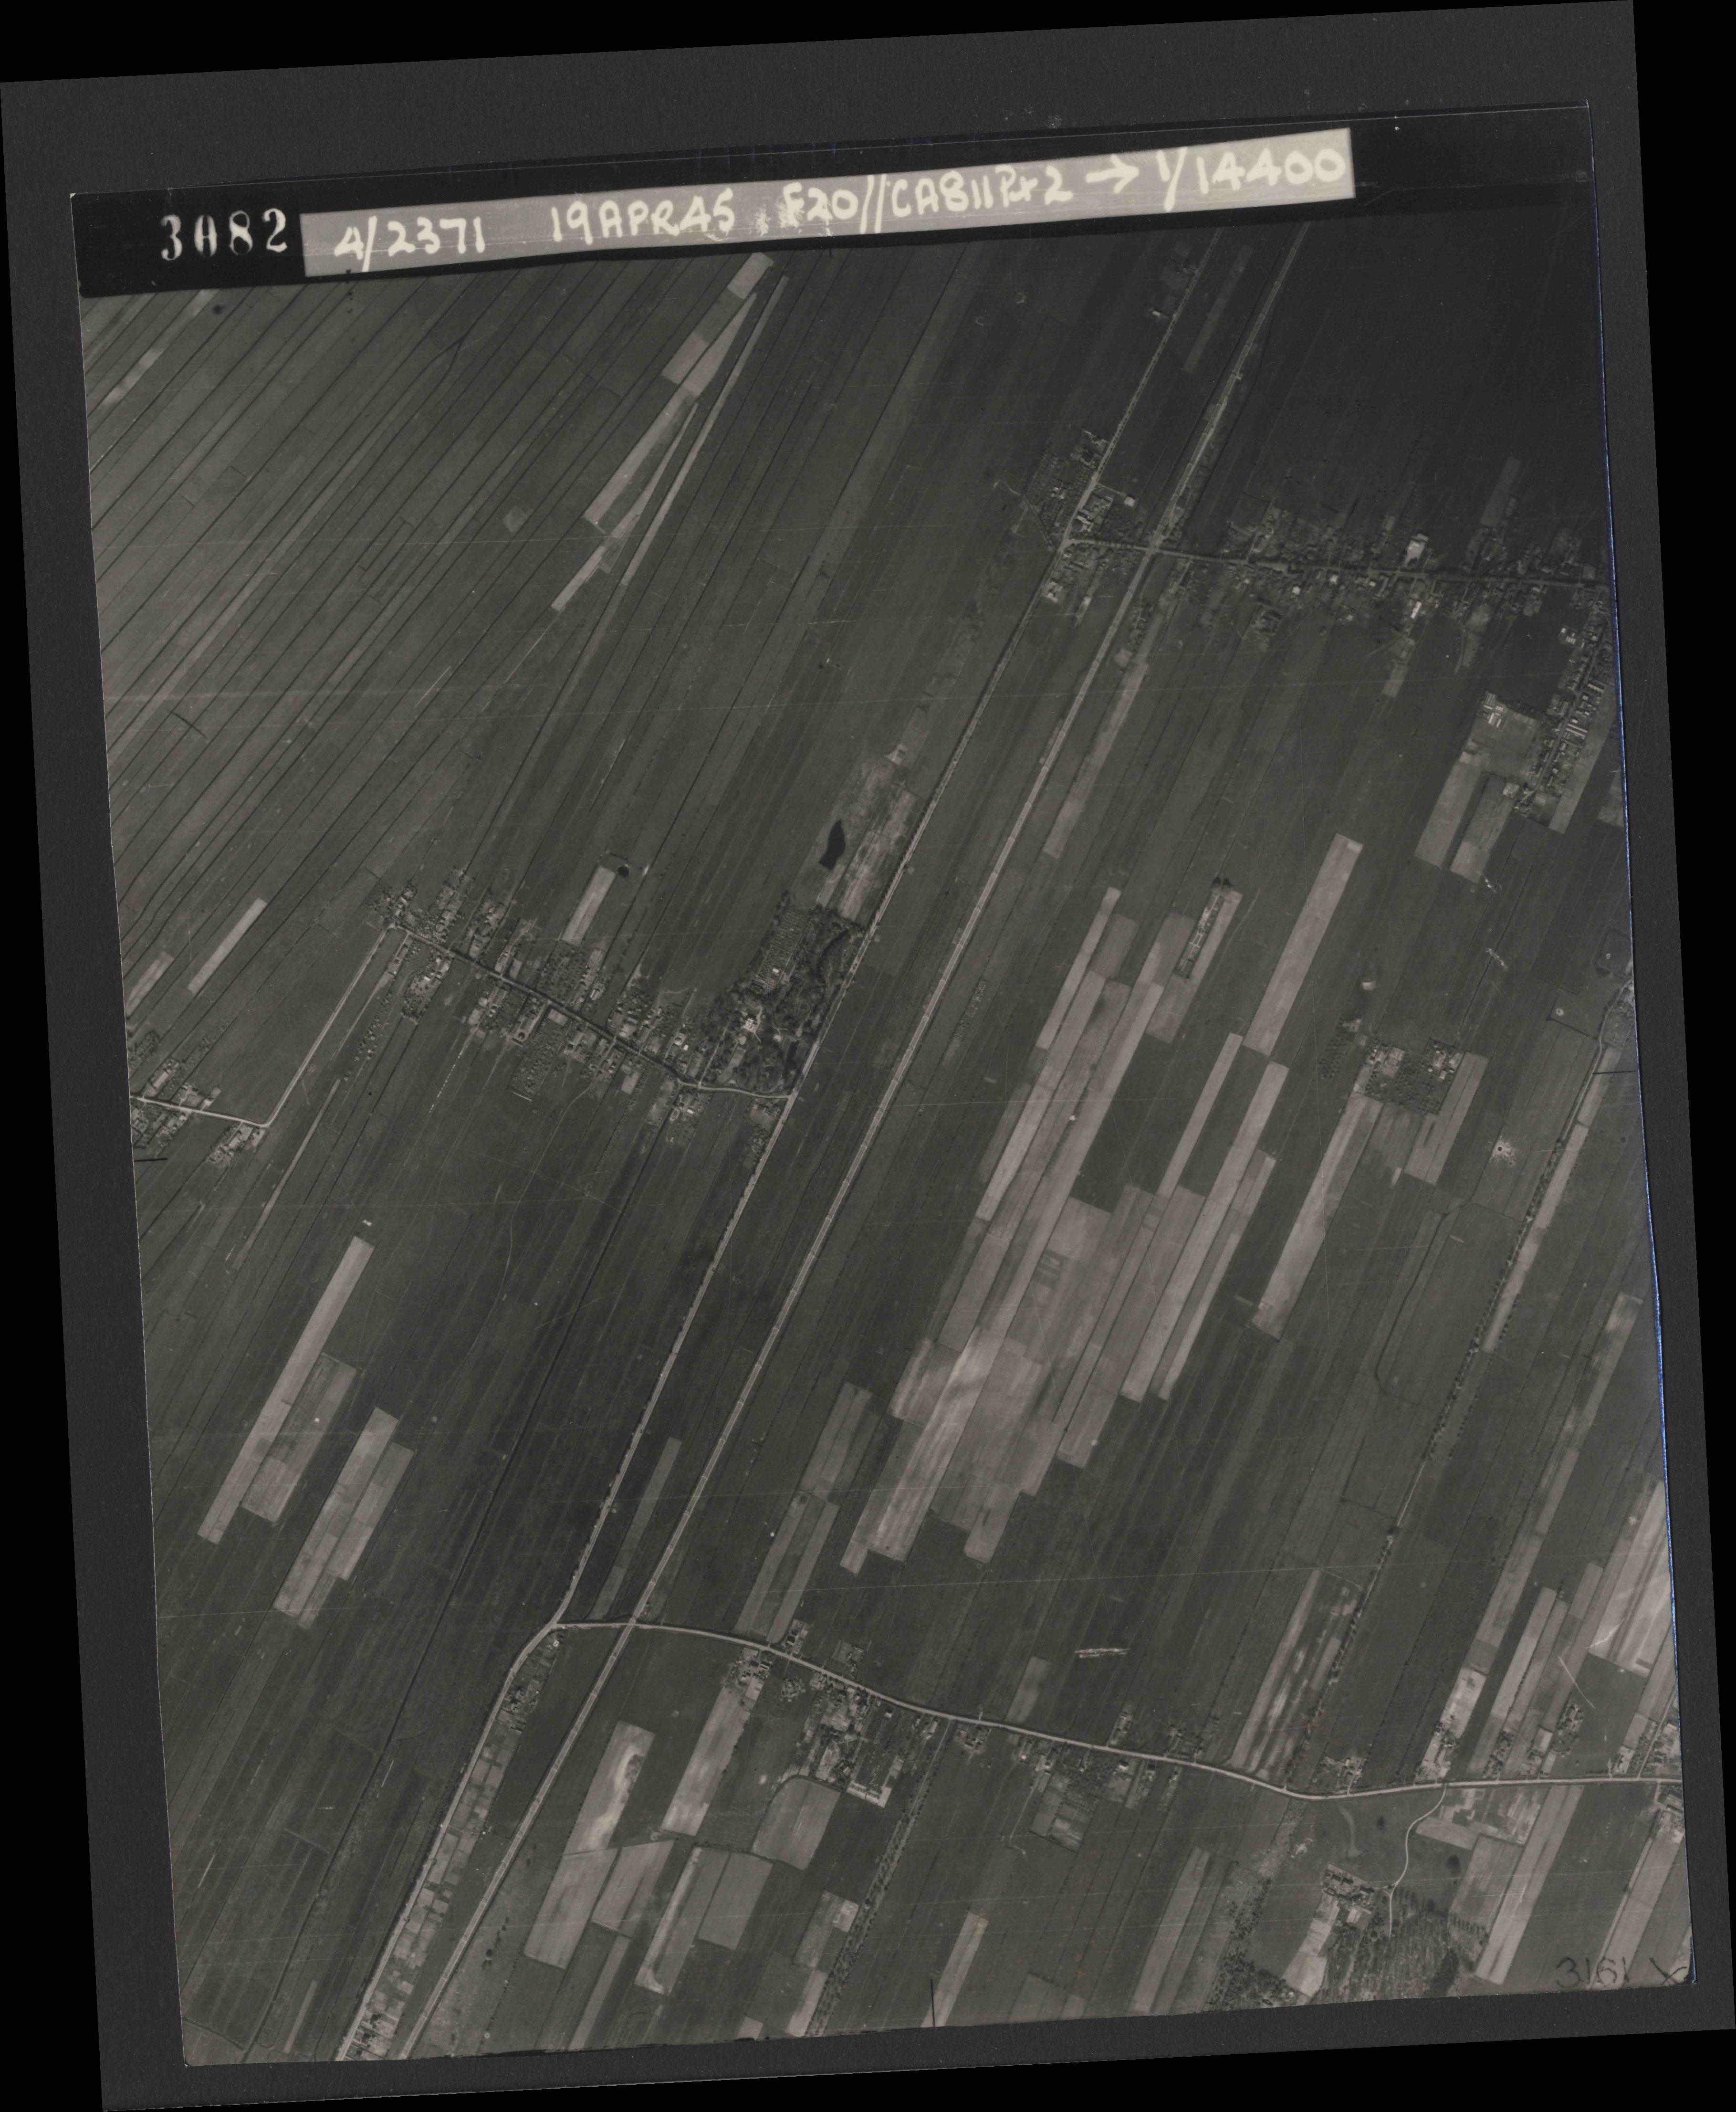 Collection RAF aerial photos 1940-1945 - flight 305, run 05, photo 3082